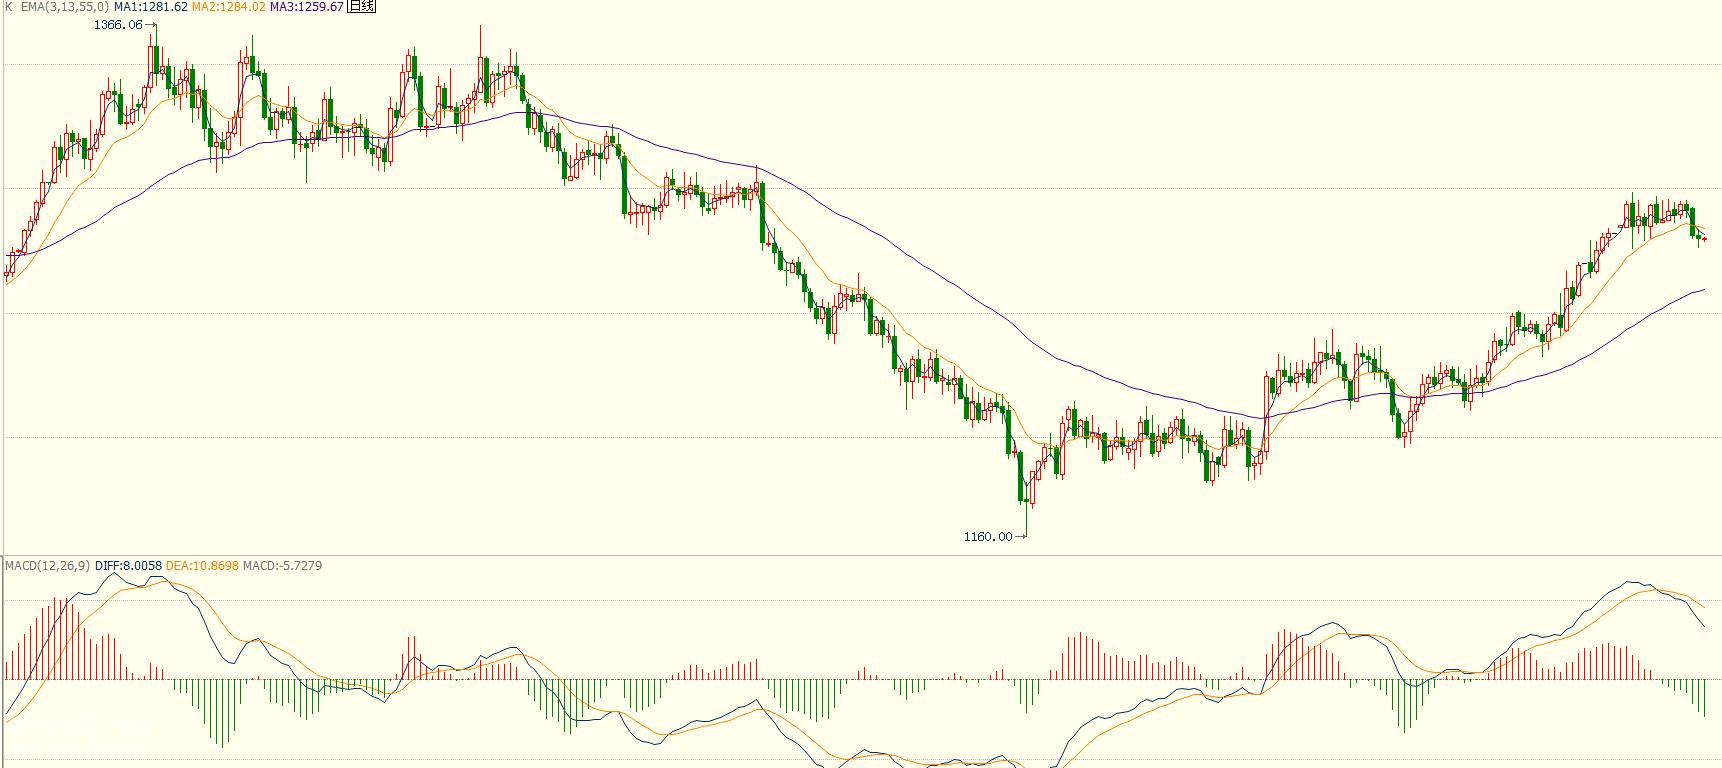 019年全球增速预期三年来最低 现货黄金延续弱势回落